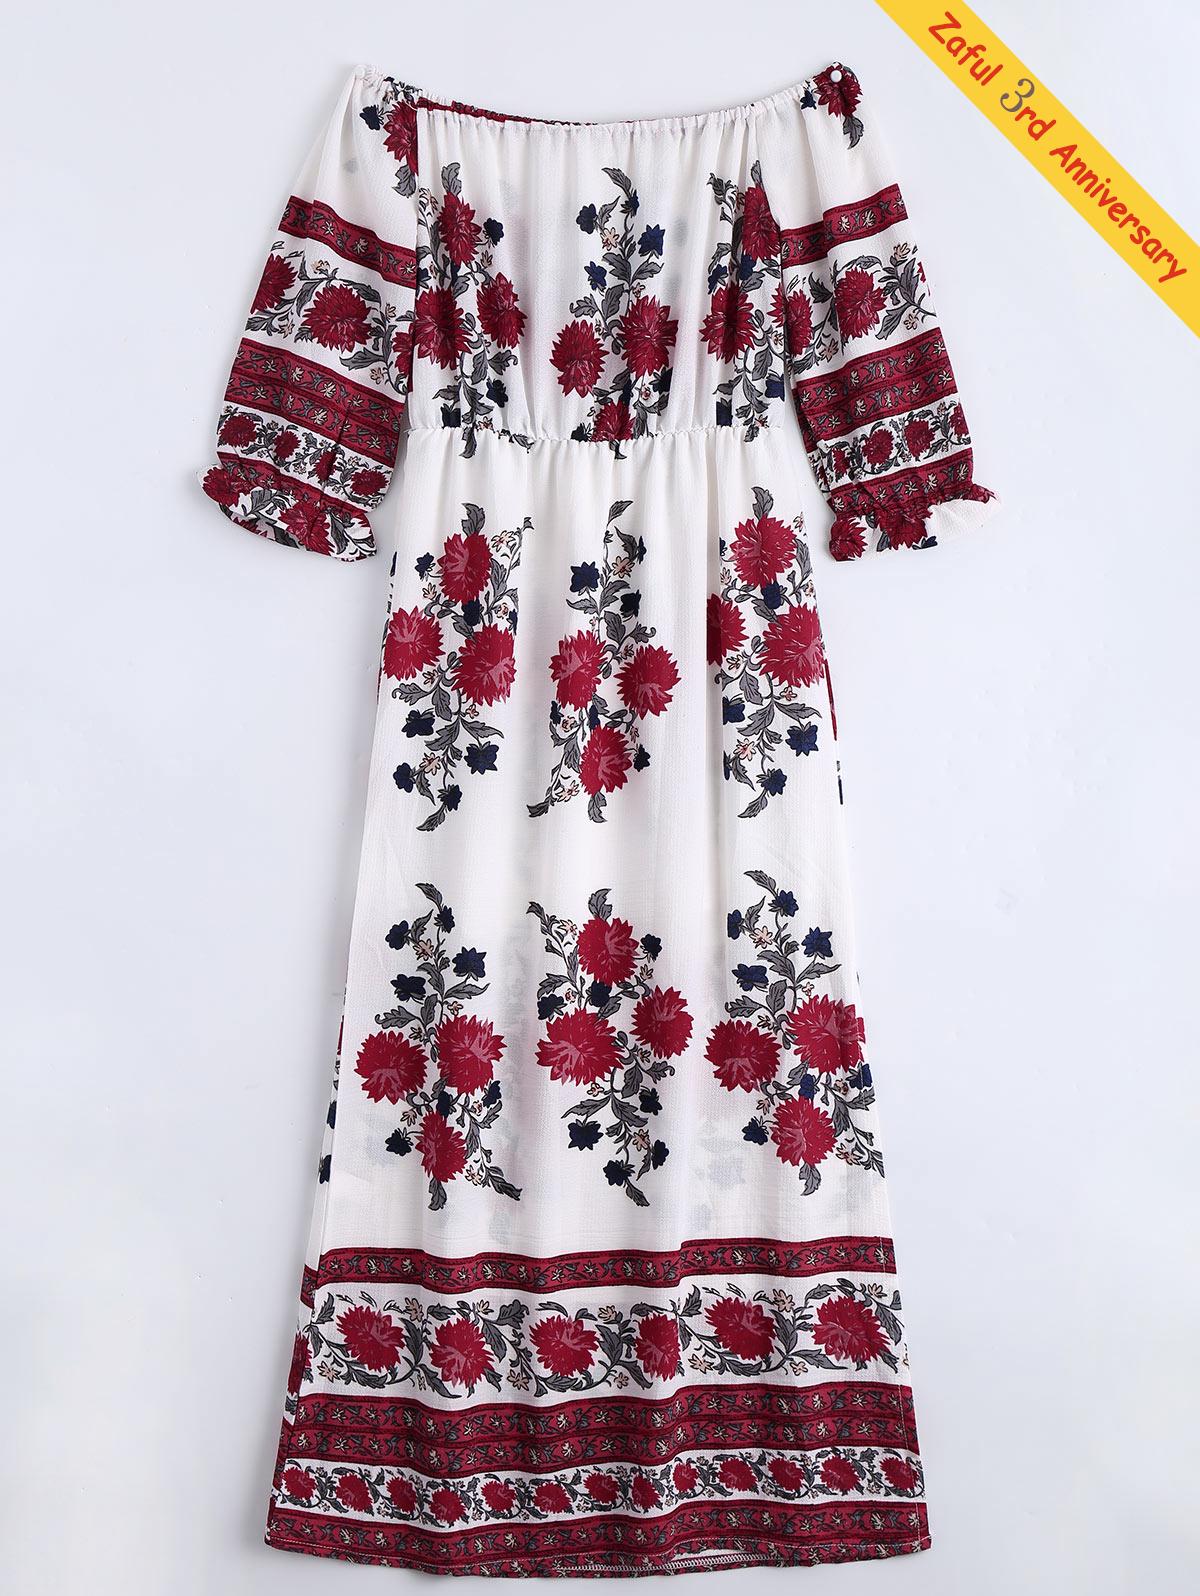 Summer dressesmaxi dressesbohemian dresseslong sleeve dresses